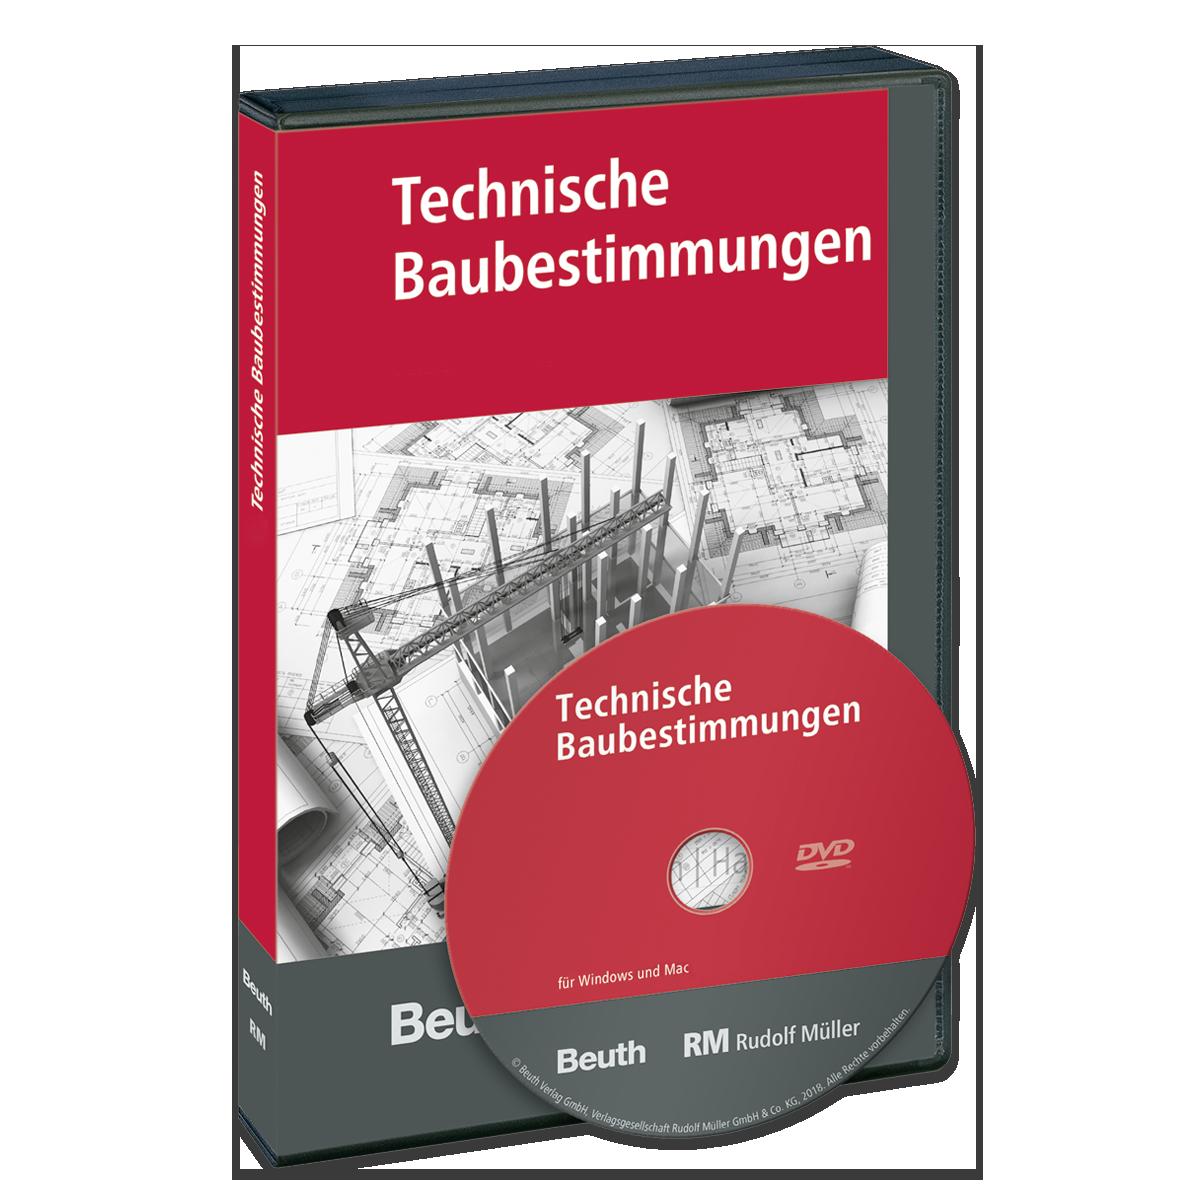 Technische Baubestimmungen_DVD